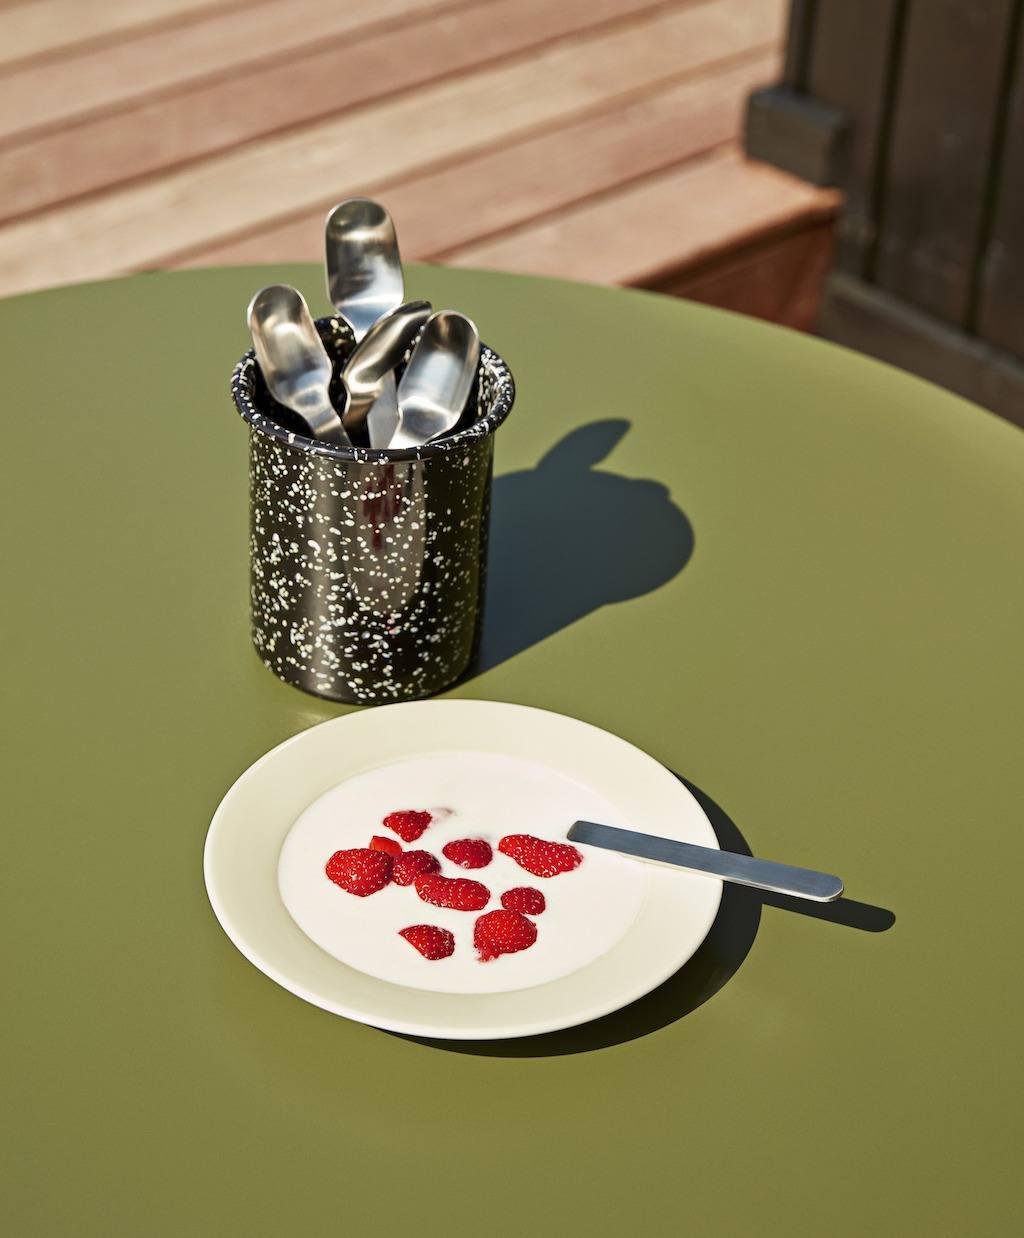 Emaillebecher mit Löffeln und Teller mit Erdbeeren in Sahne